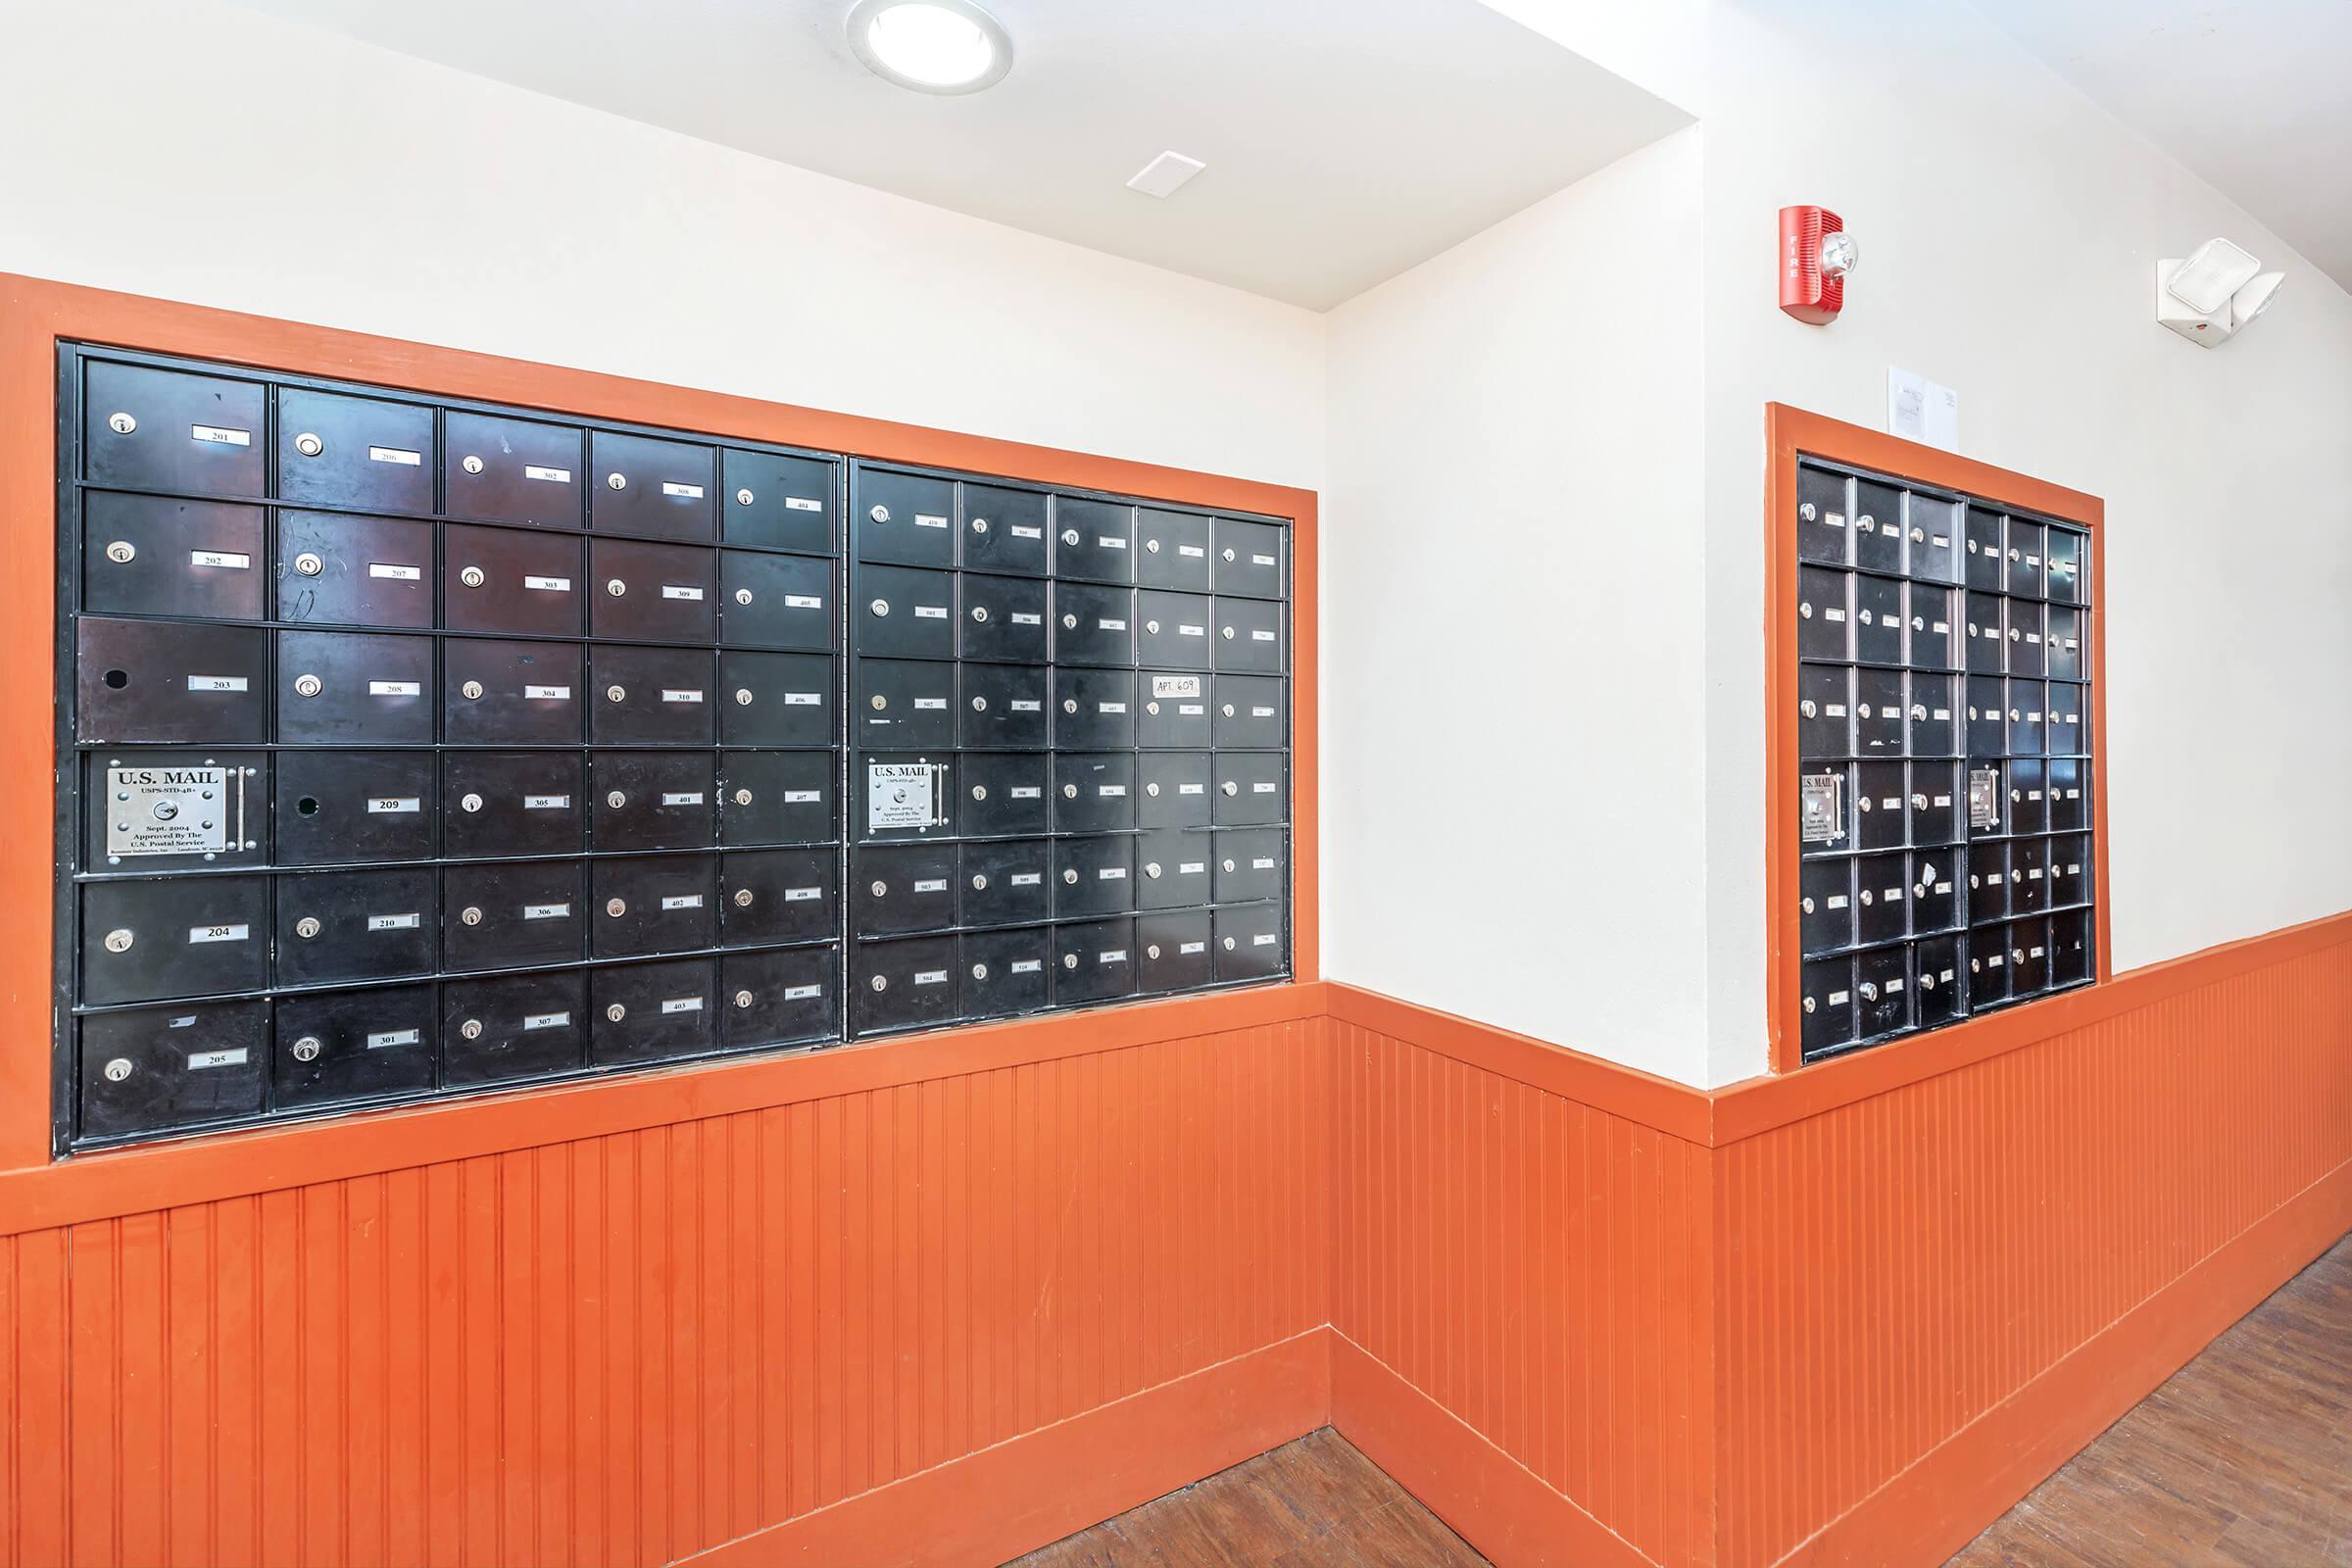 a large orange room